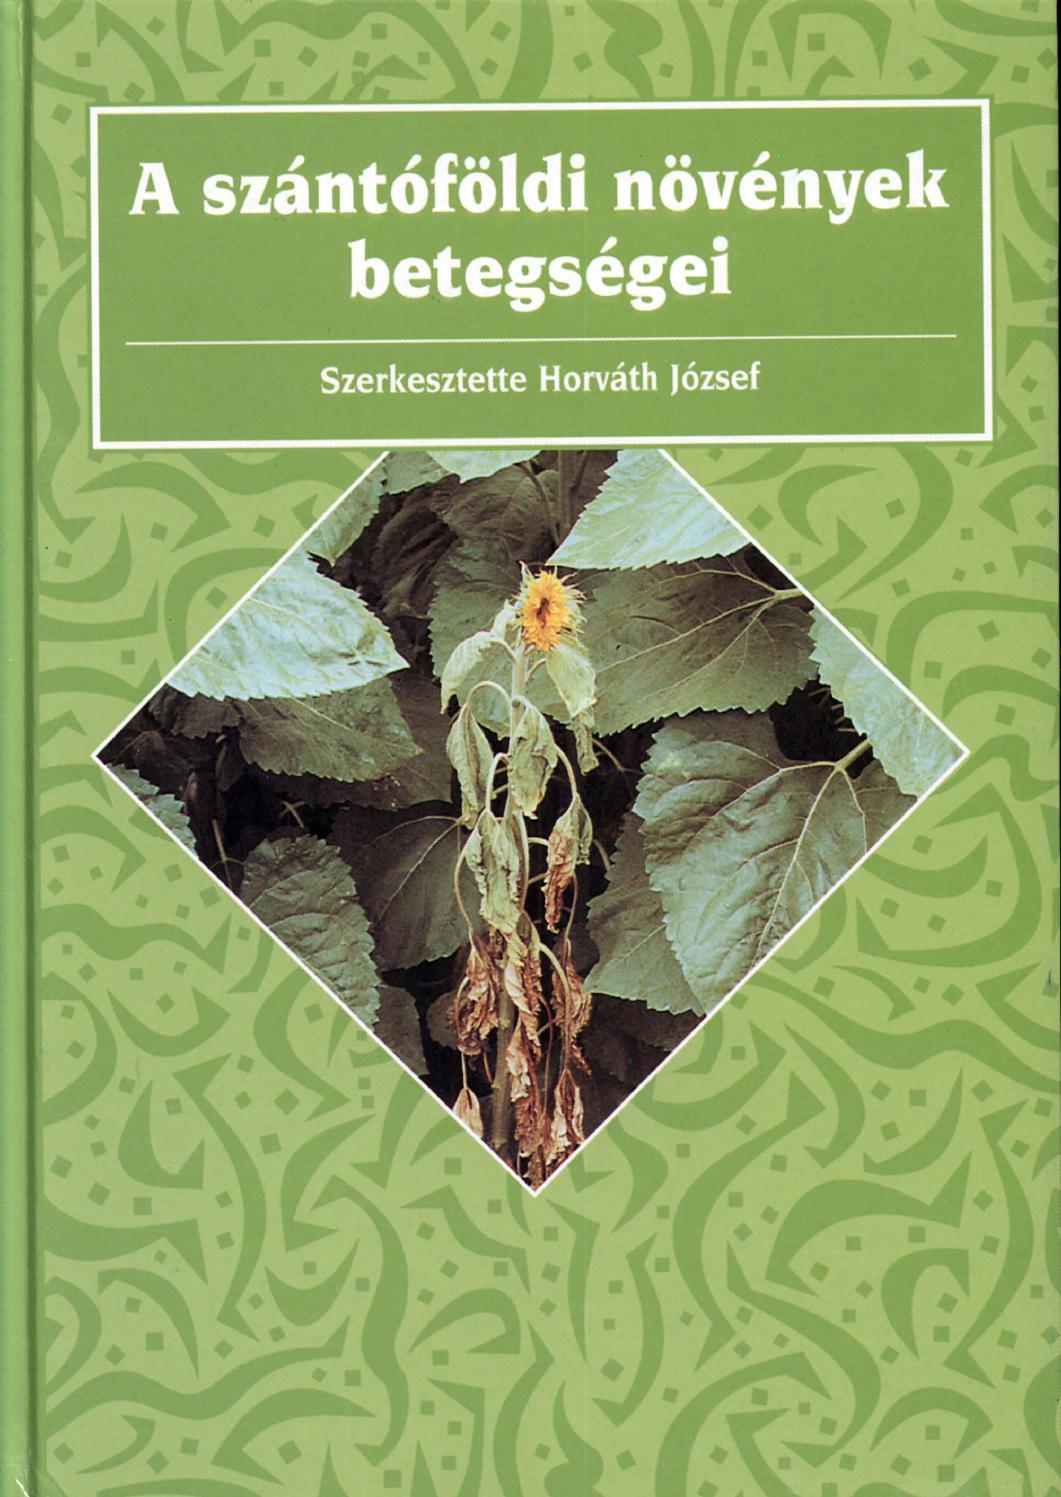 passzív helminthosporium turcicum